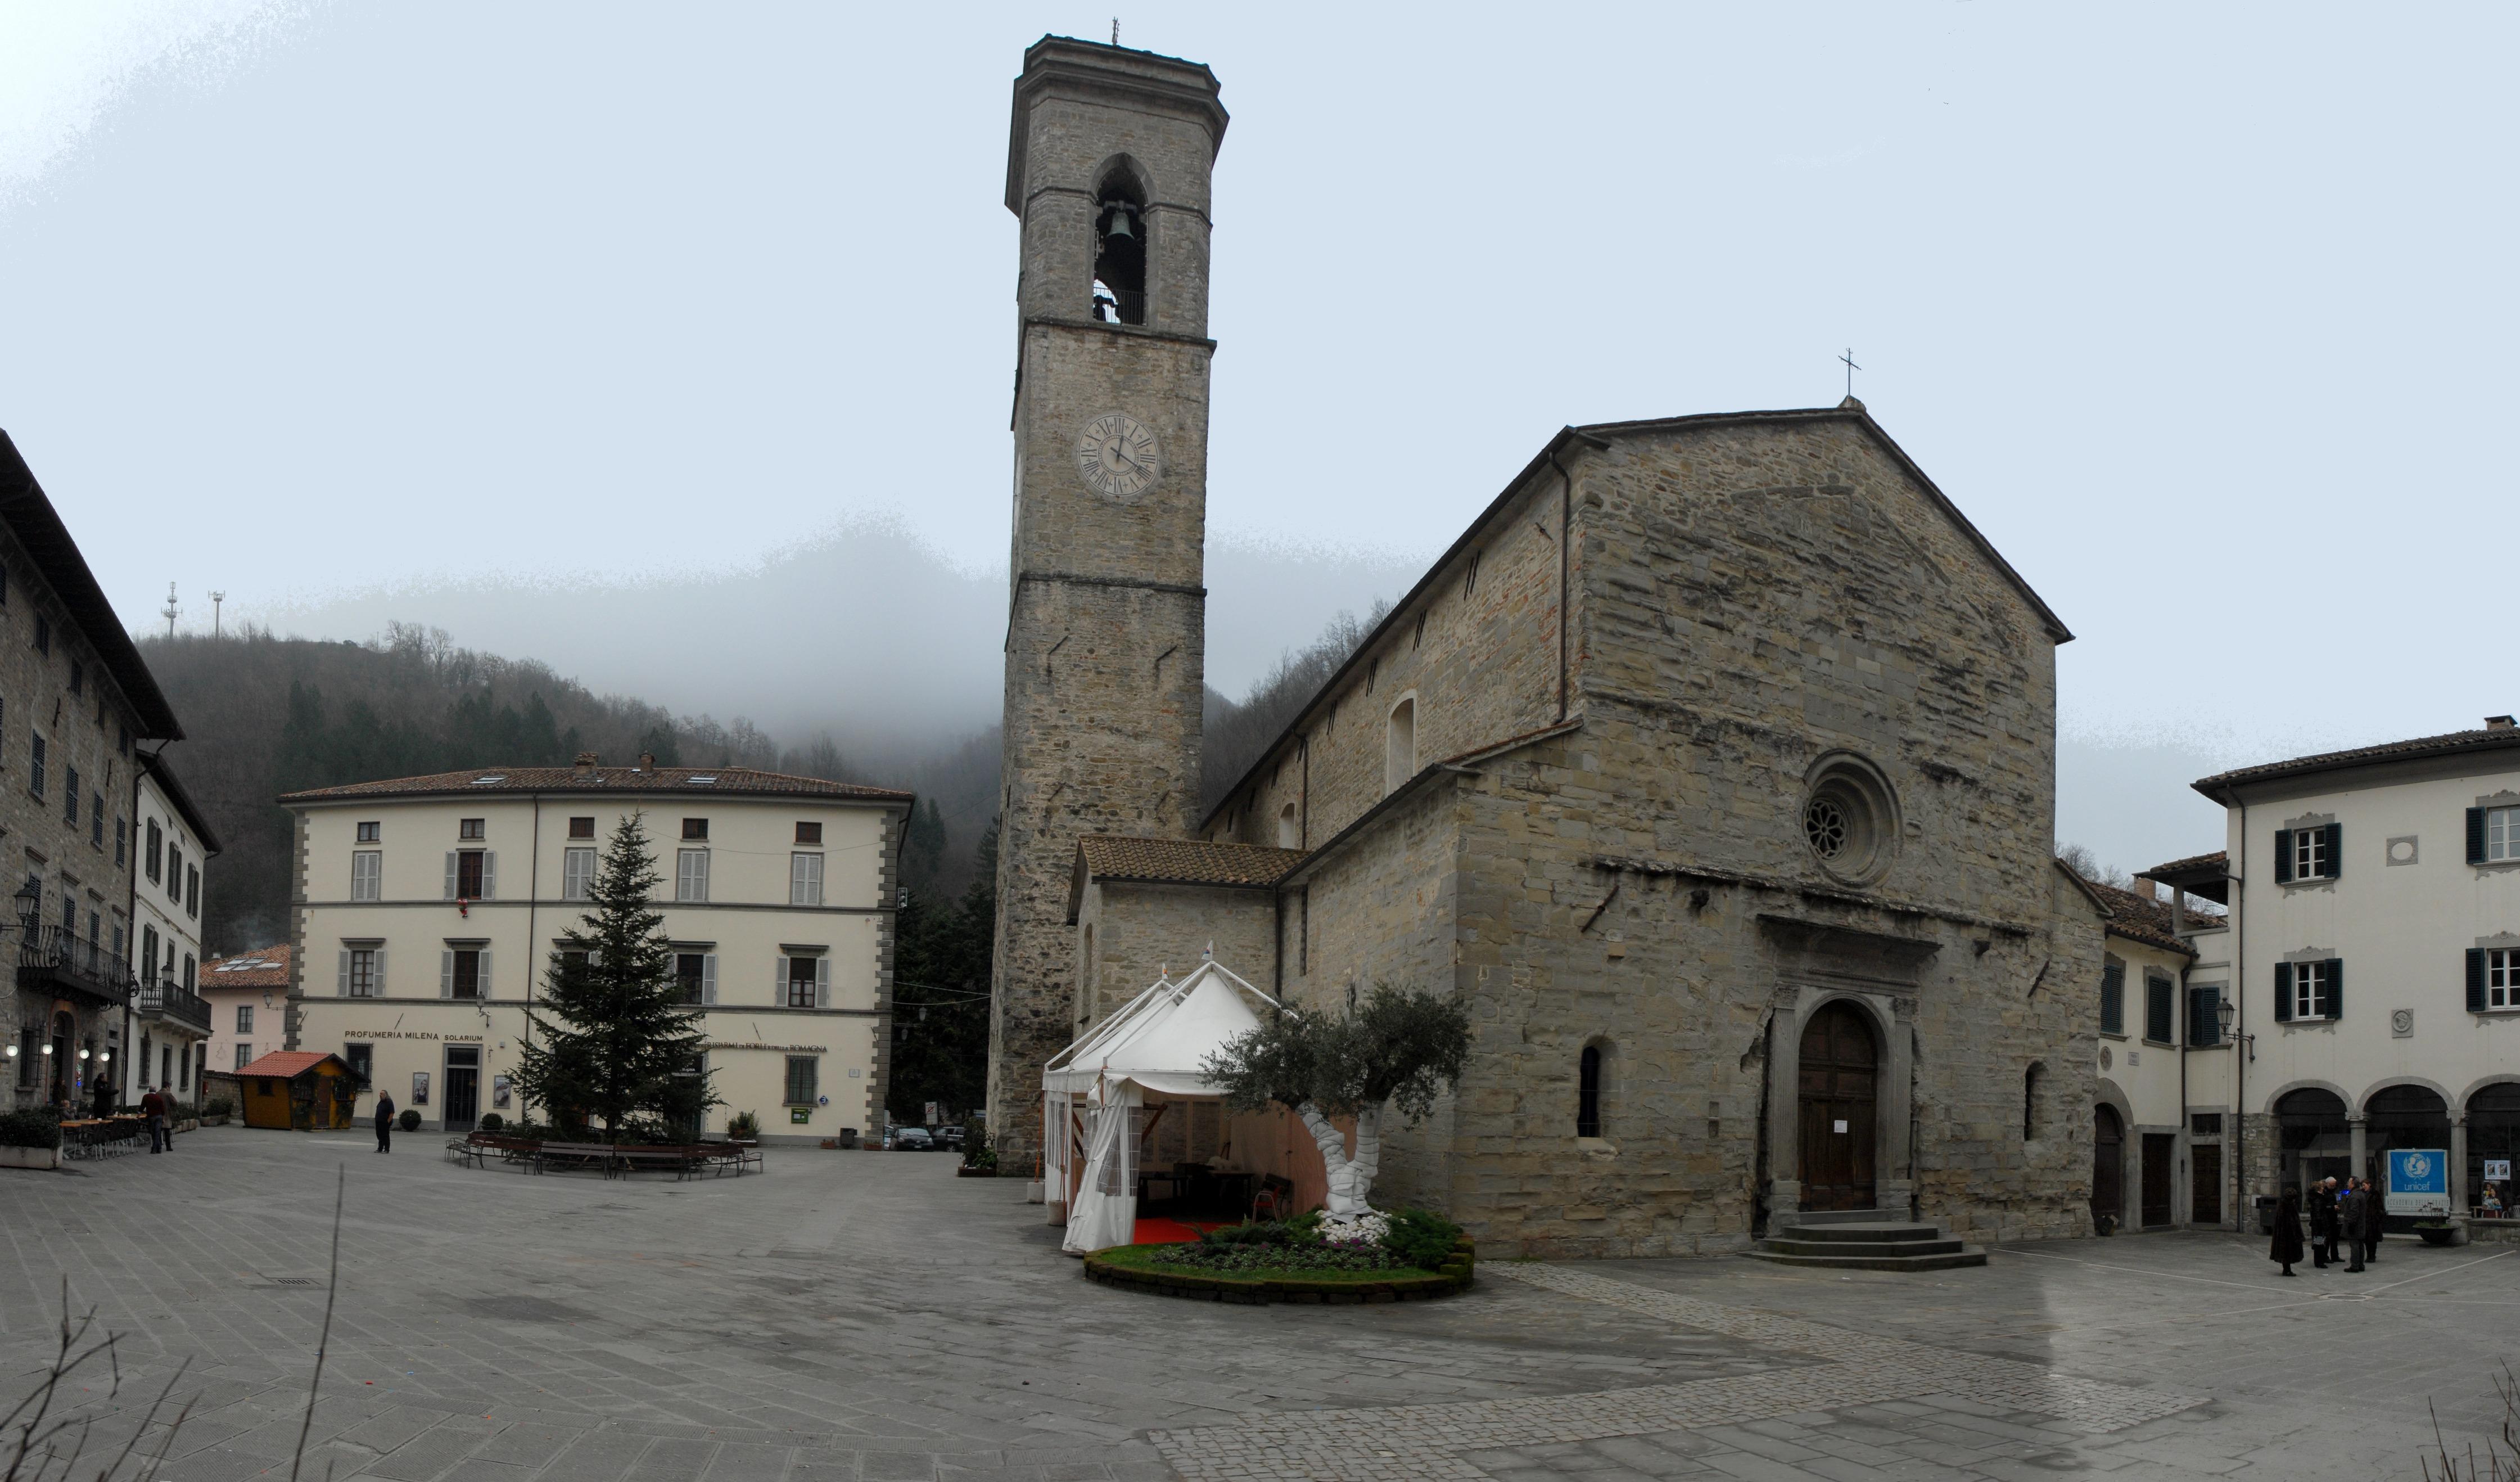 FilePiazza Ricasoli e Santa Maria Assunta Bagno di Romagnajpg  Wikimedia Commons